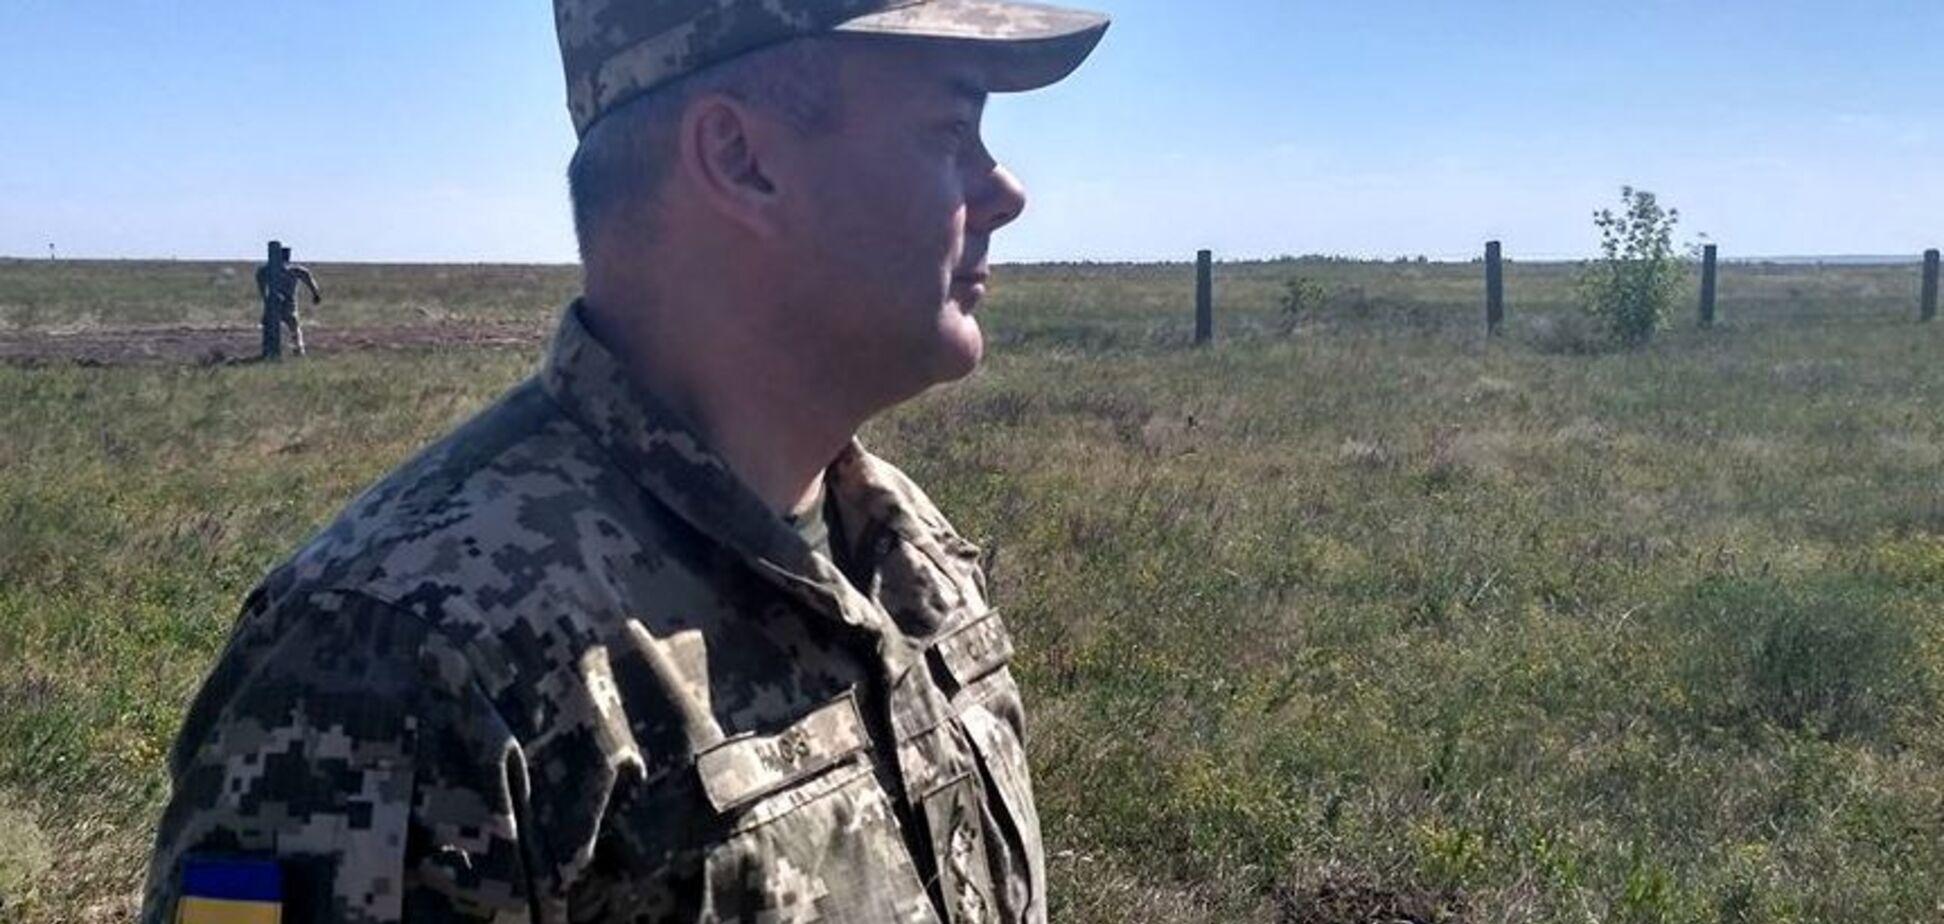 Командующий ОС объяснил, почему война на Донбассе не закончилась в 2014 году